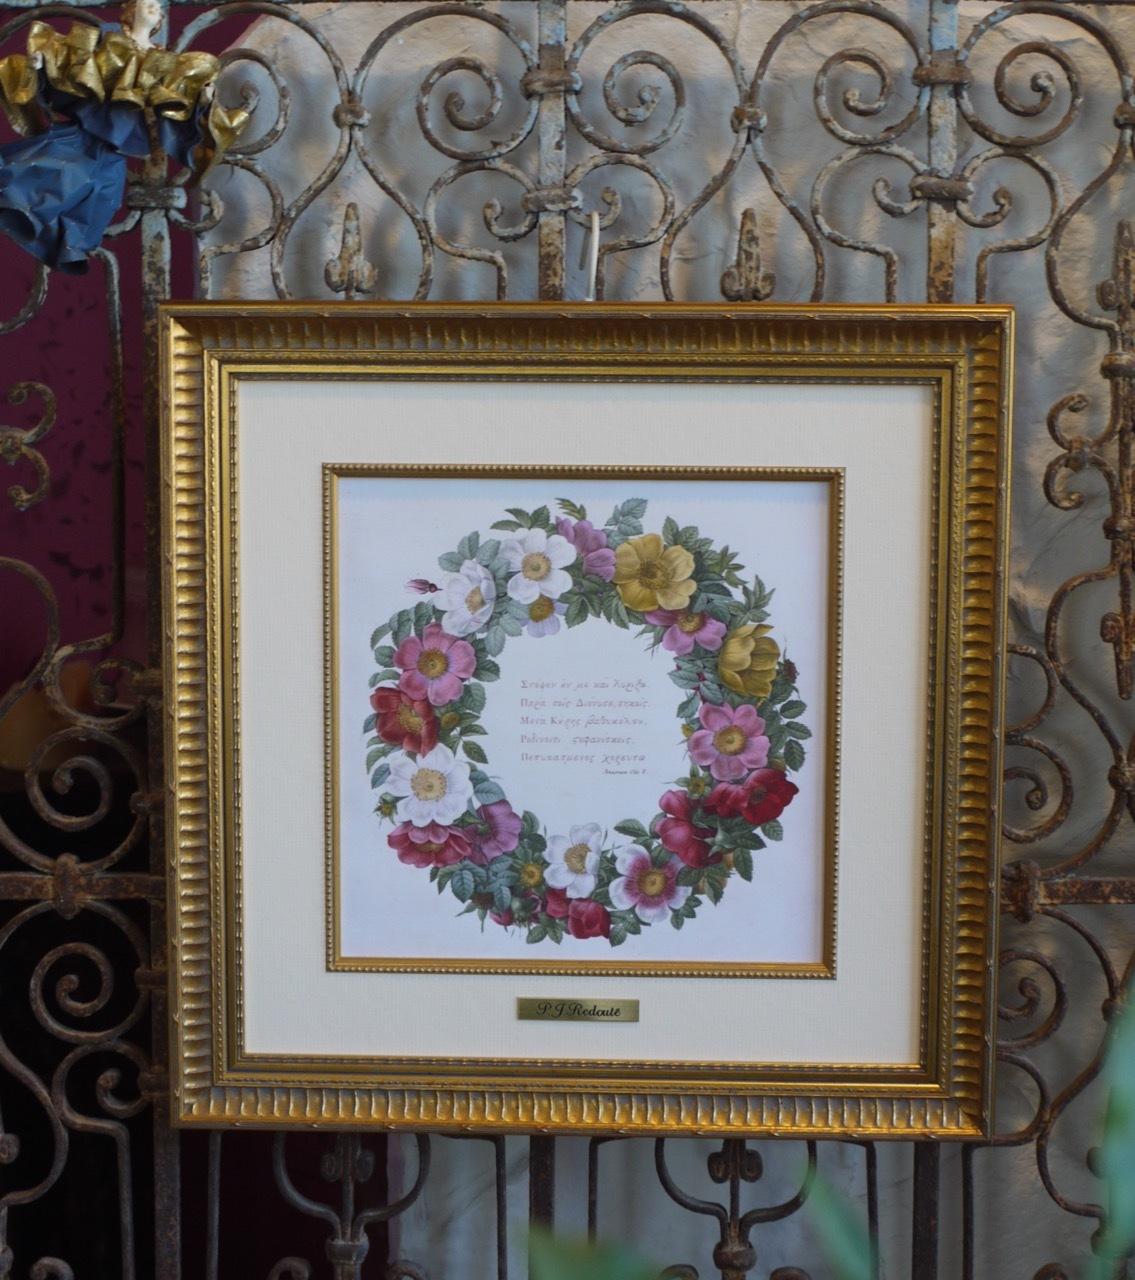 アンティーク・アイアンにルドゥーテの《バラのリース》を掛けてみました!_e0356356_20081980.jpg